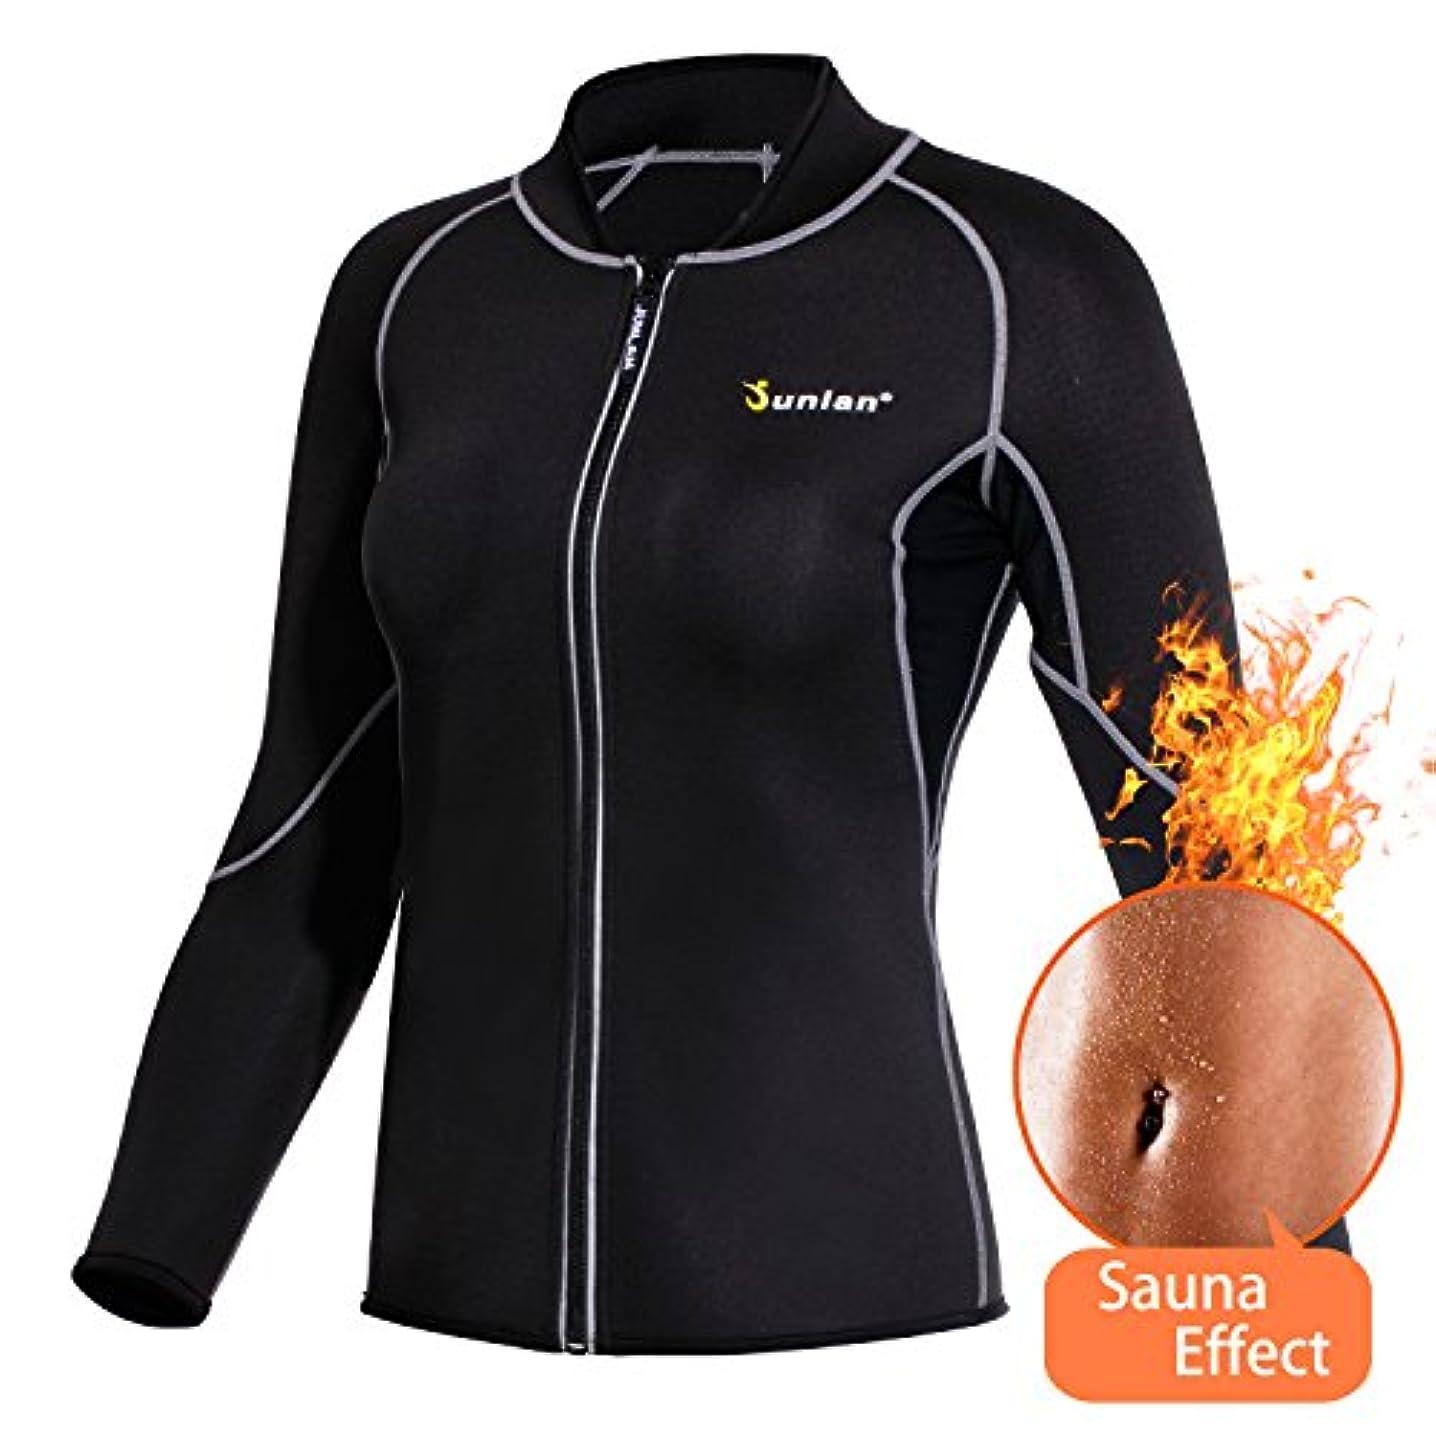 レタスエキゾチックほとんどないレディースホット汗重量損失シャツネオプレンボディシェイパーサウナジャケットスーツワークアウトロングトレーニング服Fat Burner Top